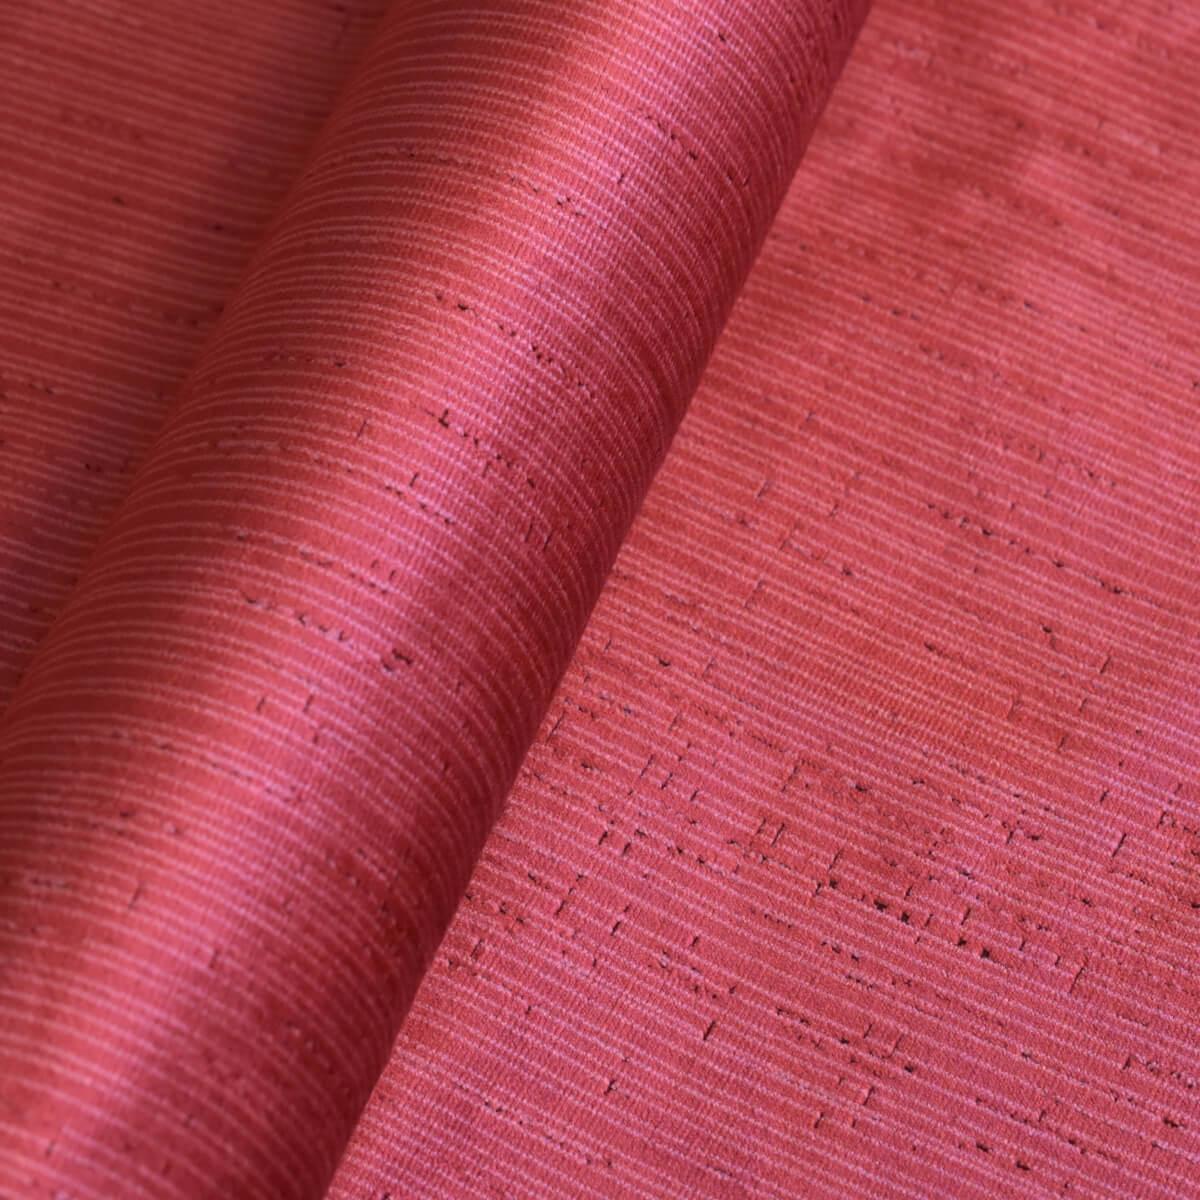 Velluto bacchetta Taccheggiato 340-3946S rosso | Tessiture Bevilacqua